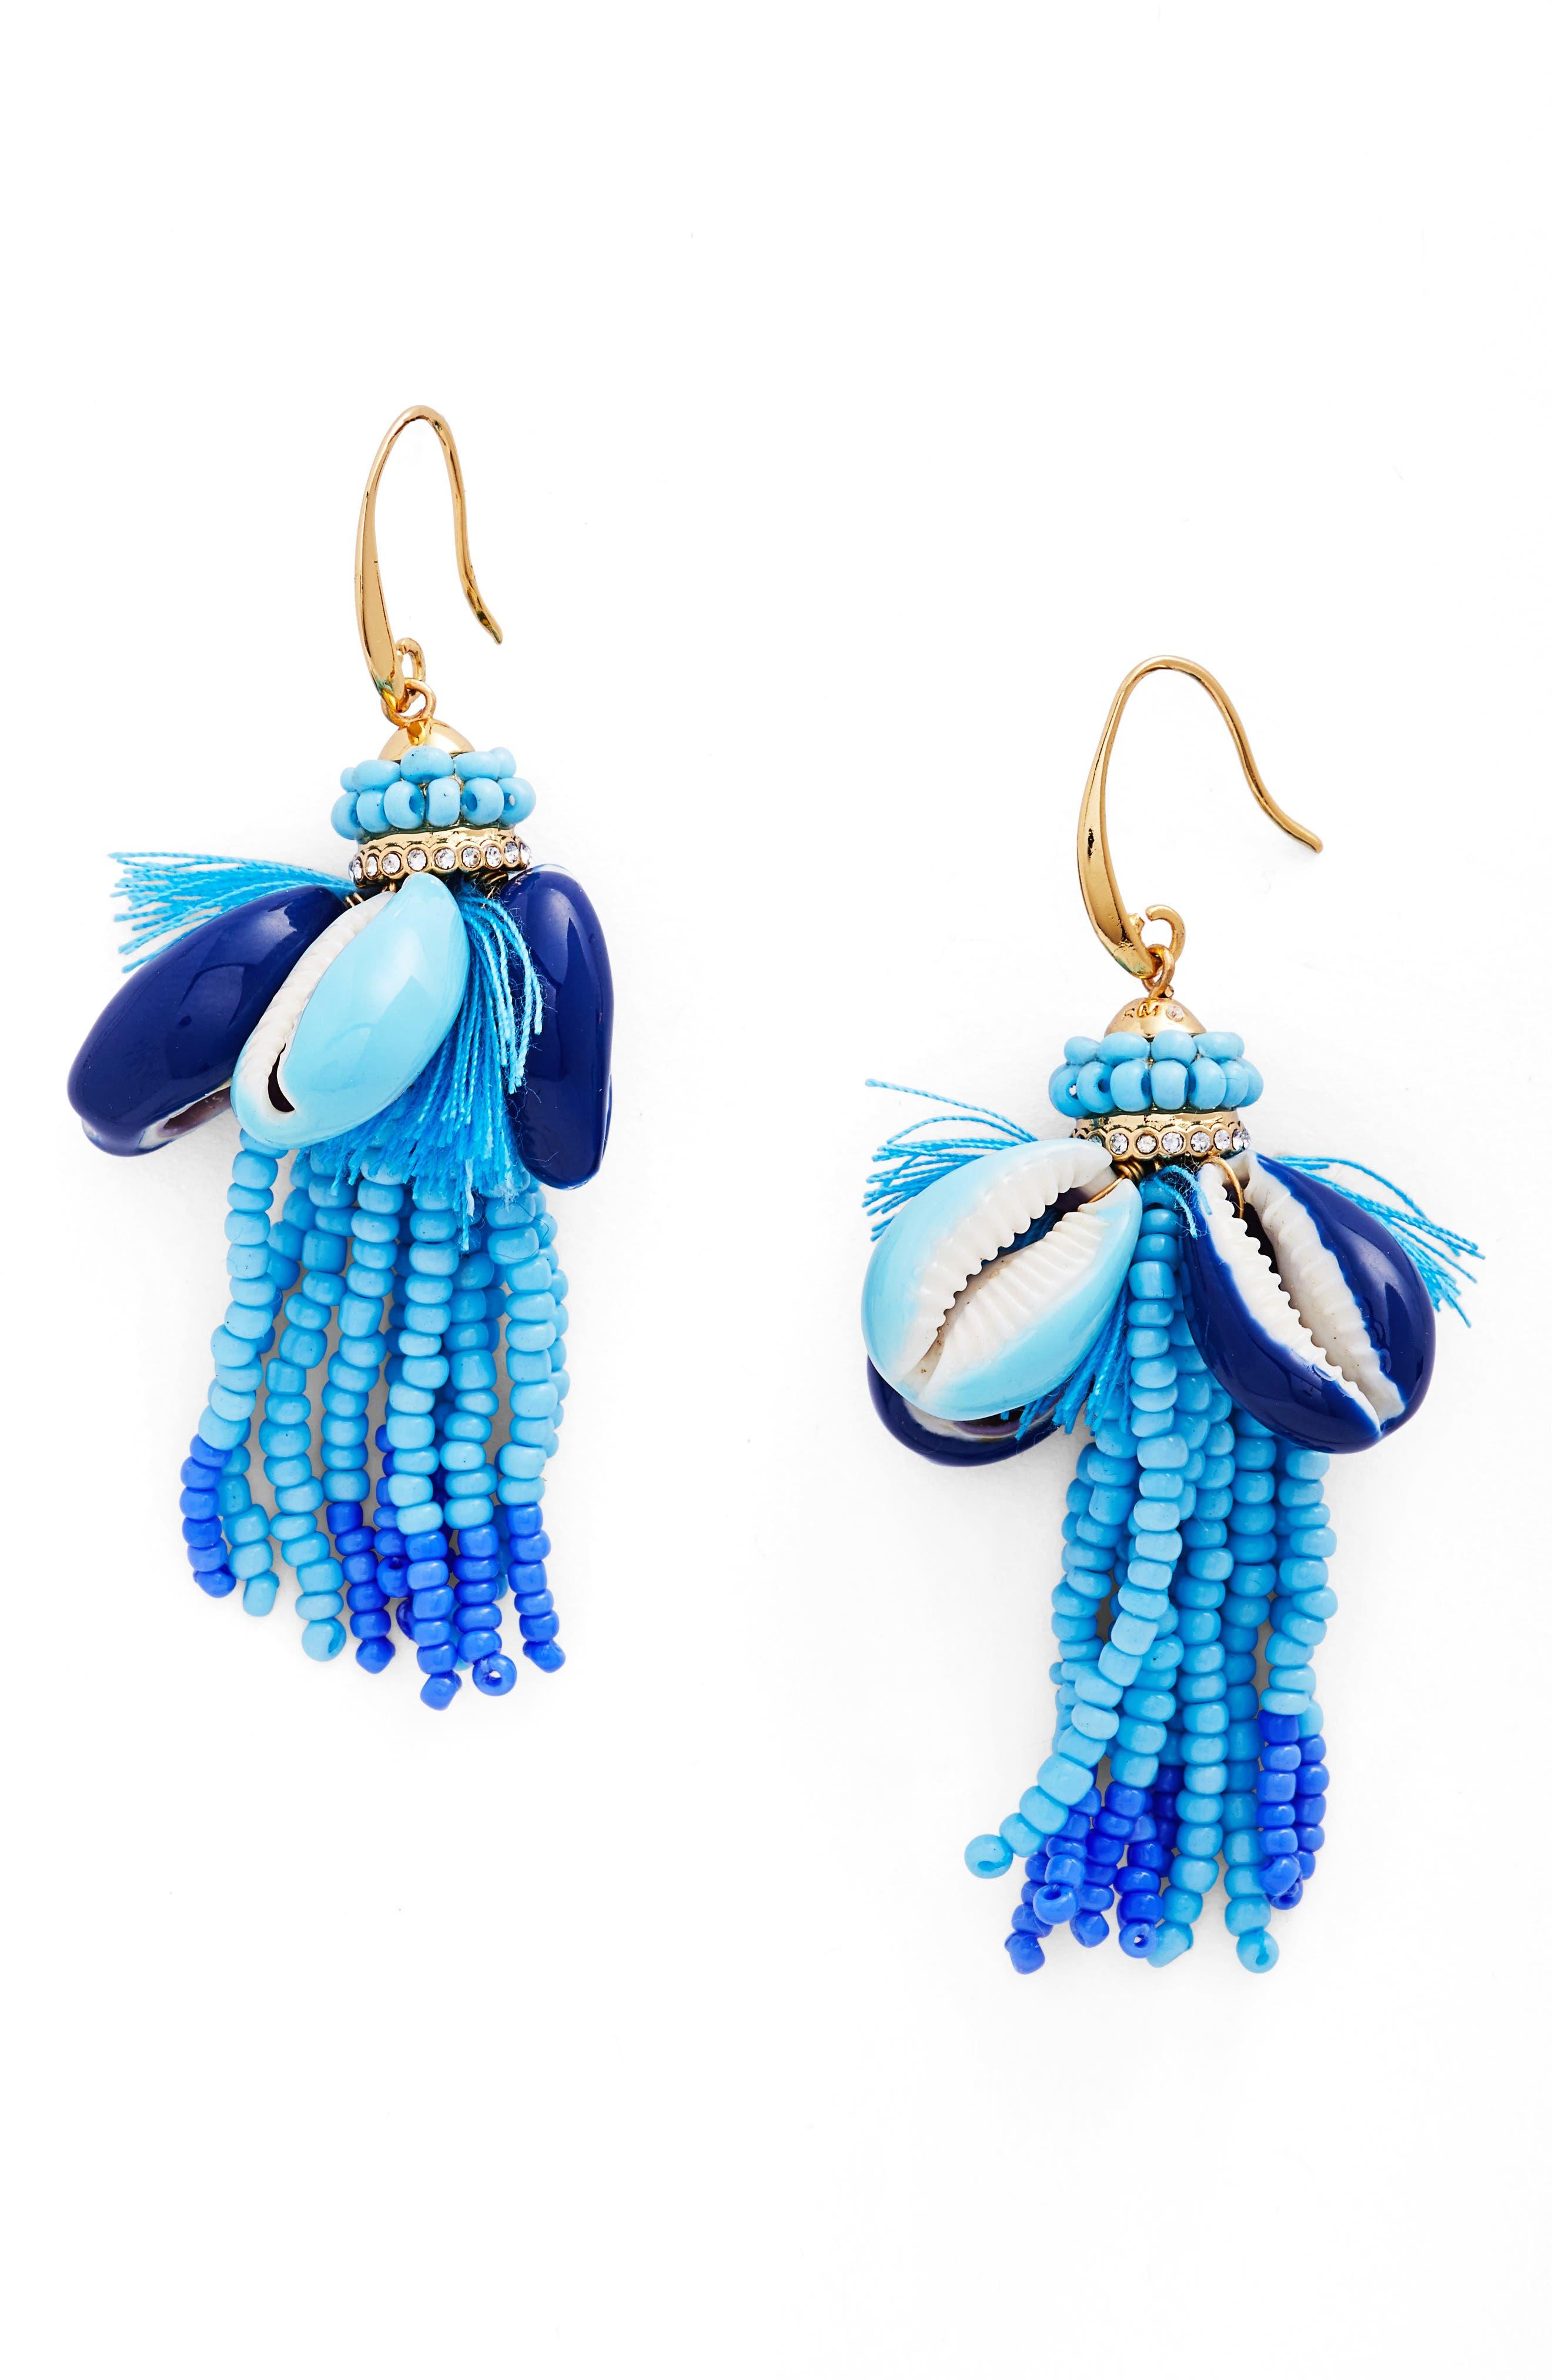 Main Image - Rebecca Minkoff Lola Seed Bead Tassel Earrings